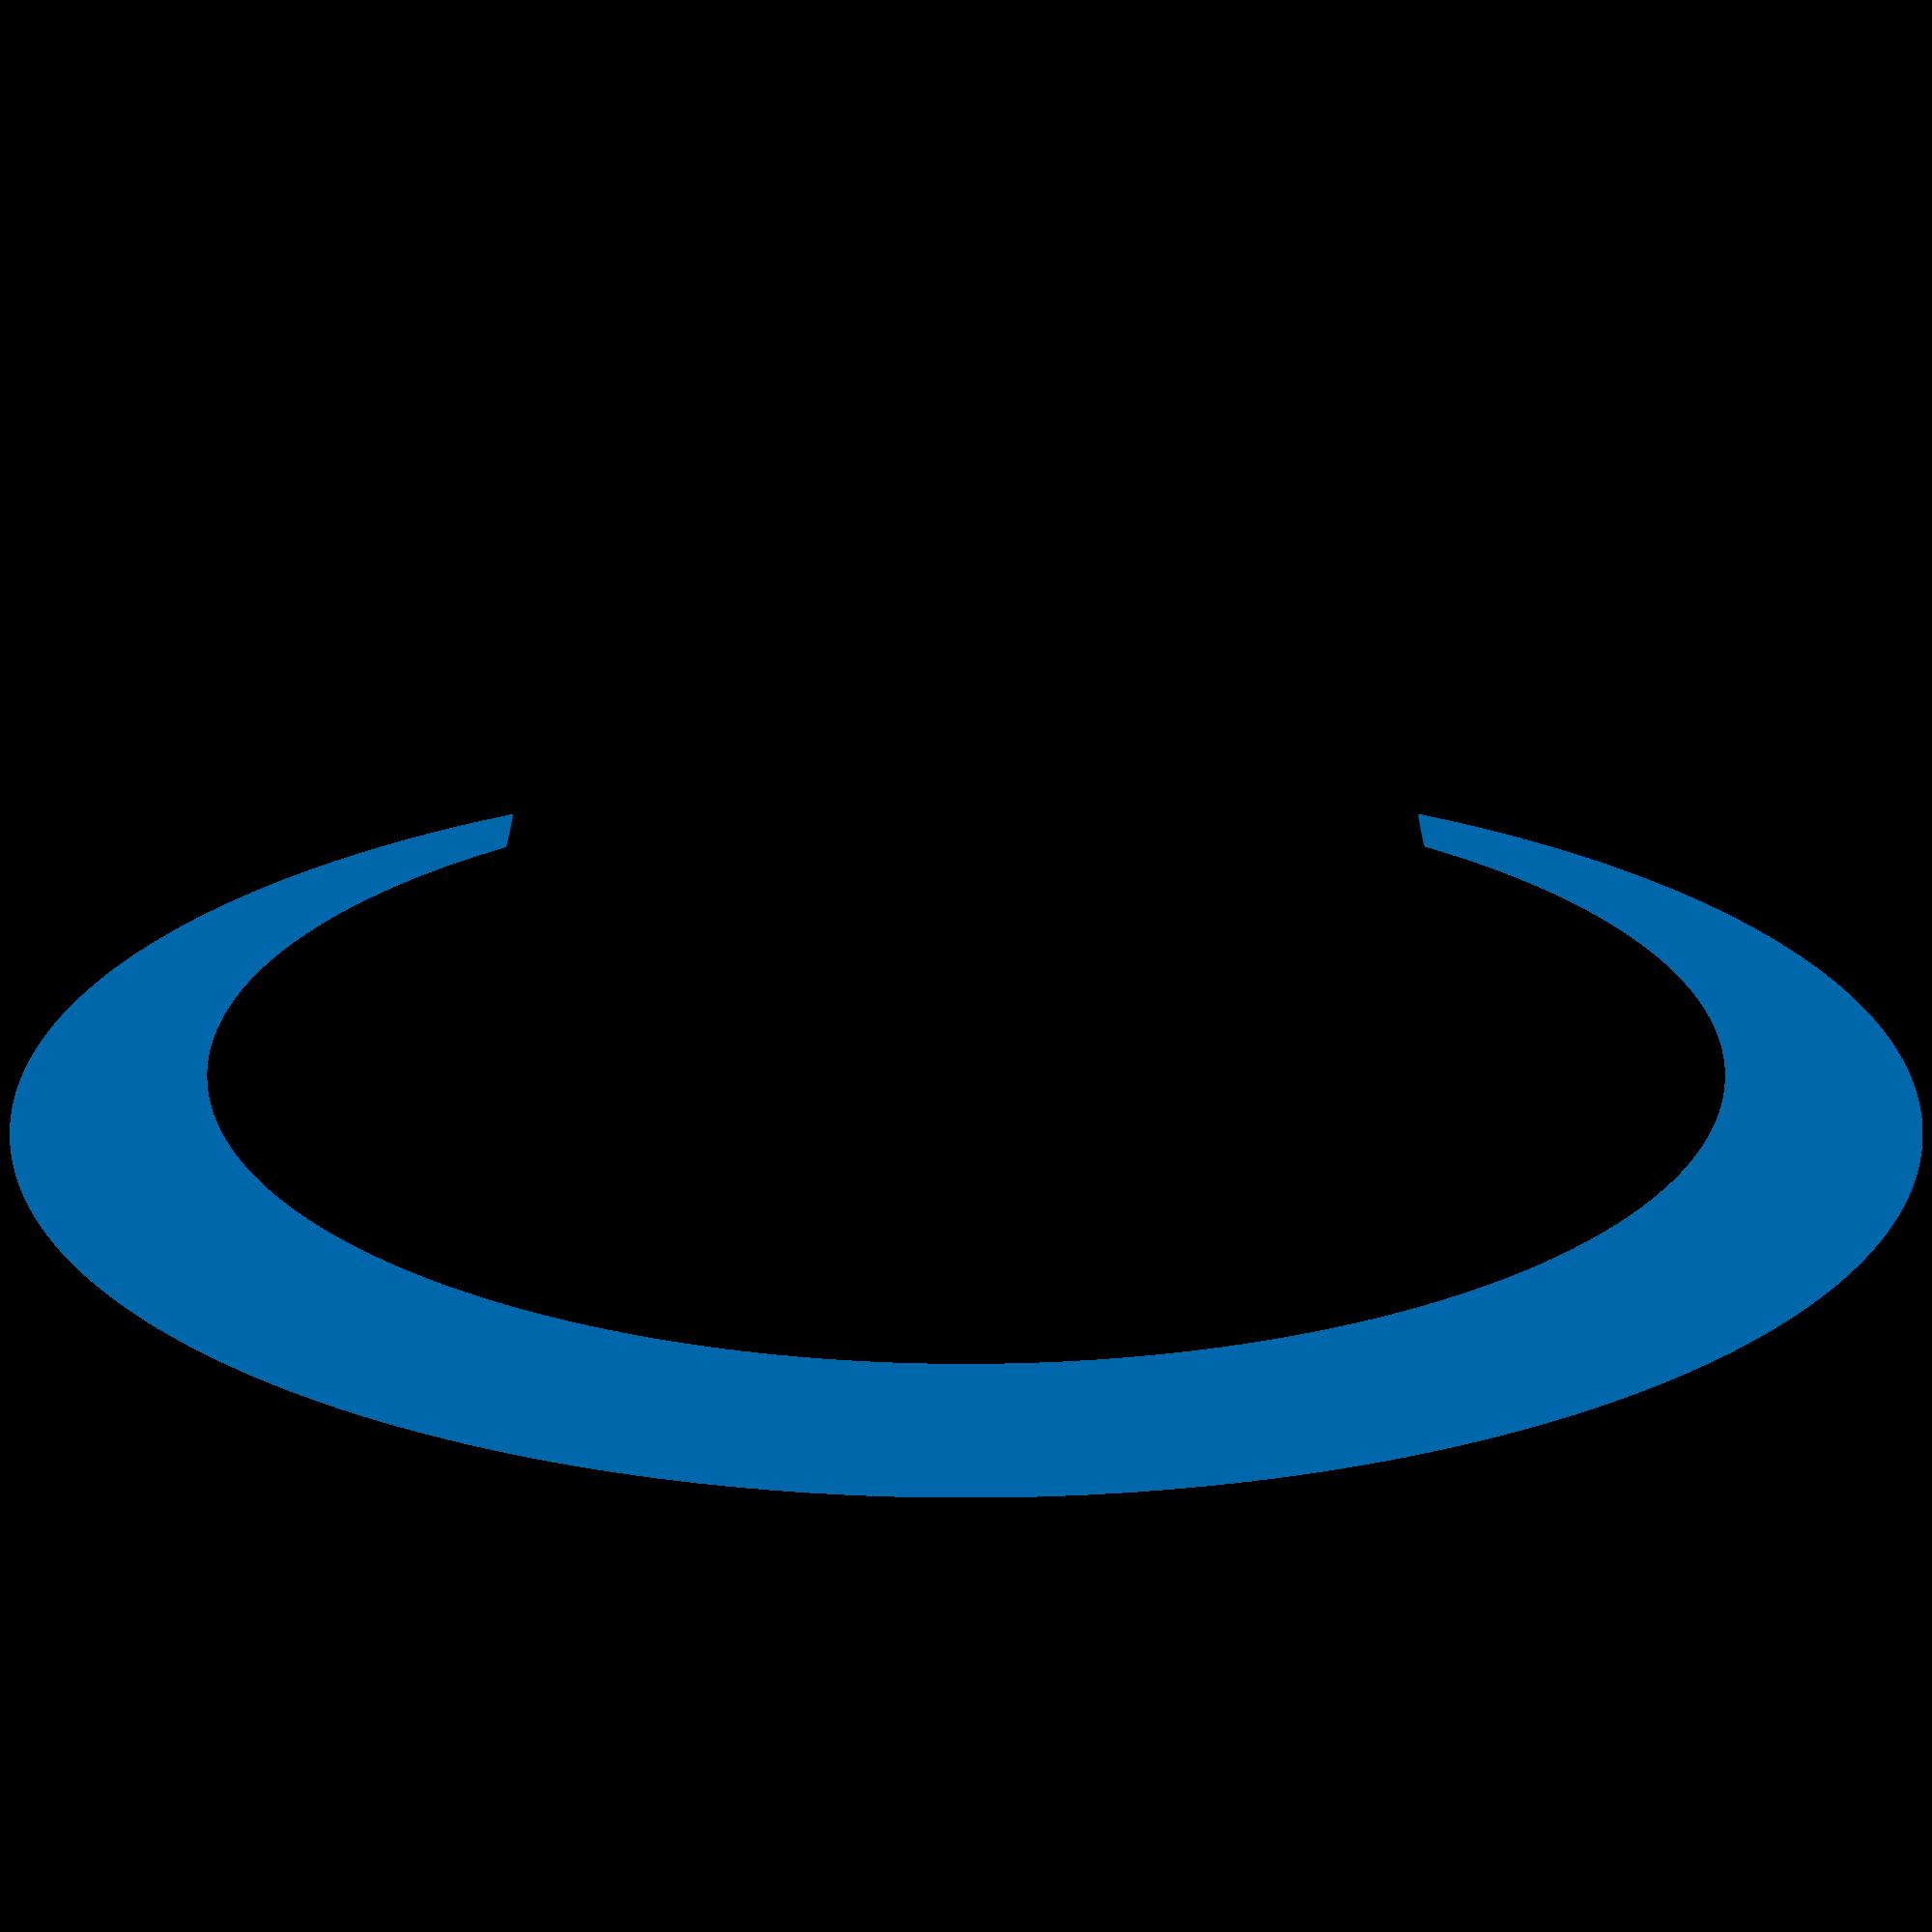 2000px-logo3_mkv_256x256-1_svg.png